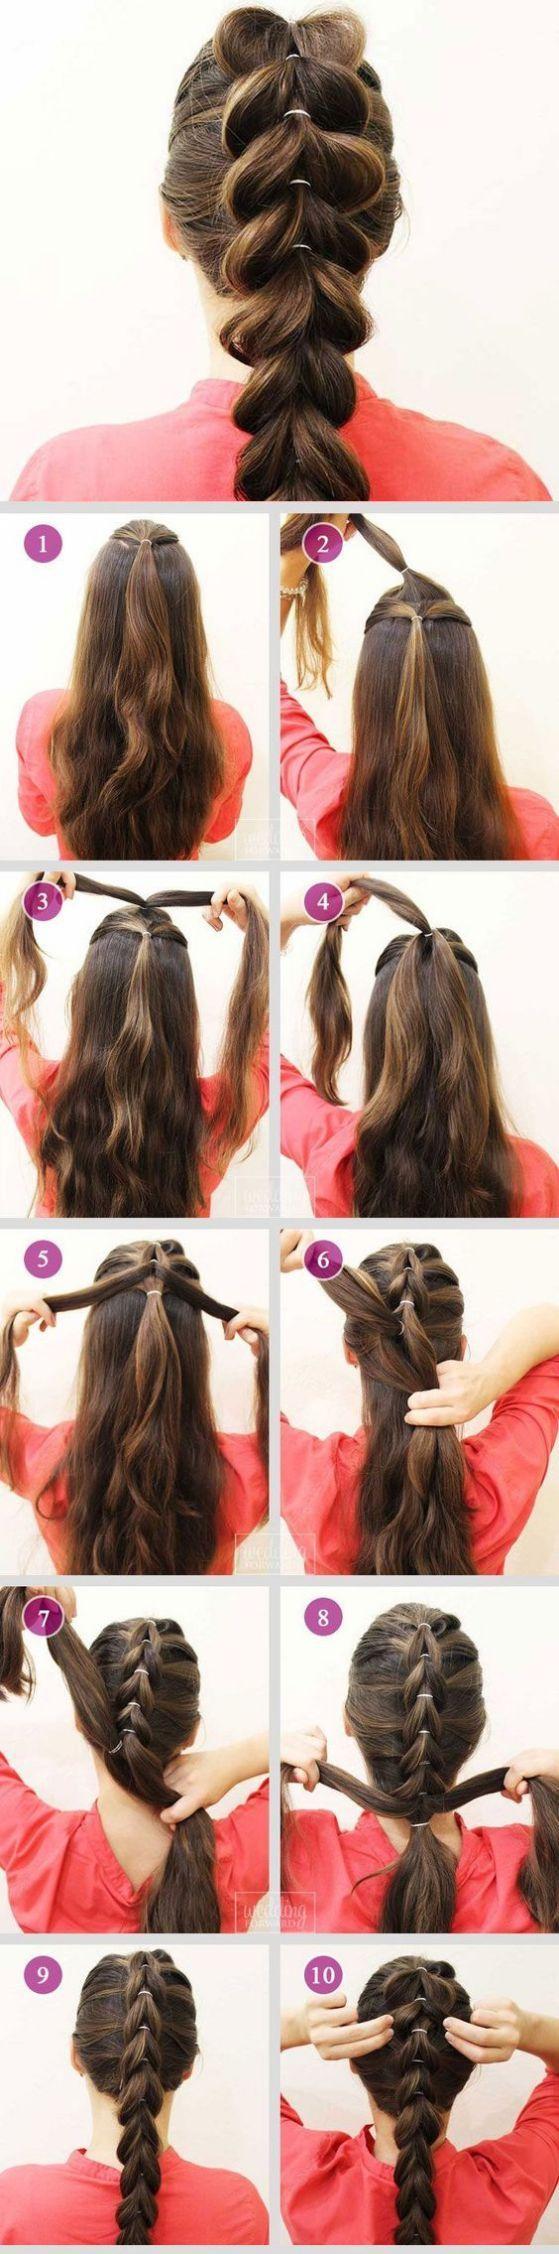 Peinados Con Trenzas Faciles Para Pelo Corto Largo Y Recogido - Ver-recogidos-de-pelo